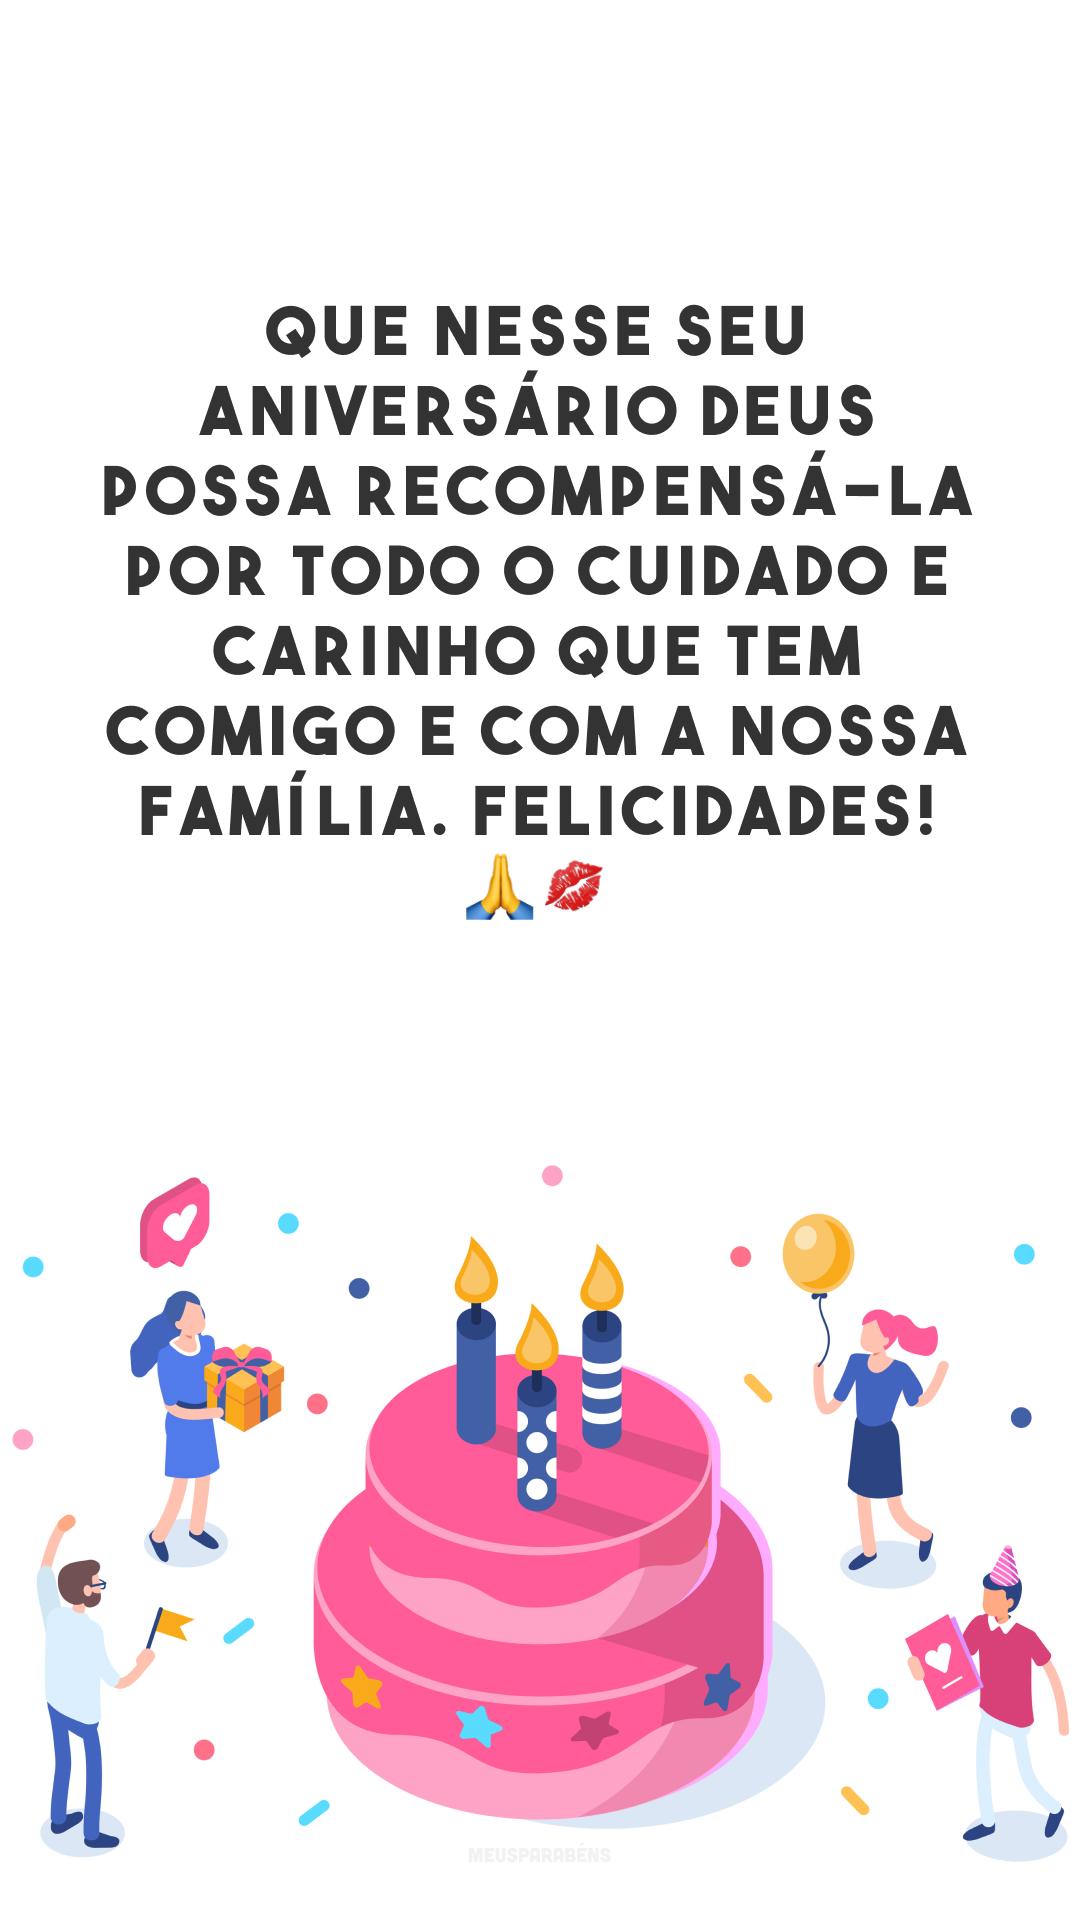 Que nesse seu aniversário Deus possa recompensá-la por todo o cuidado e carinho que tem comigo e com a nossa família. Felicidades! 🙏💋